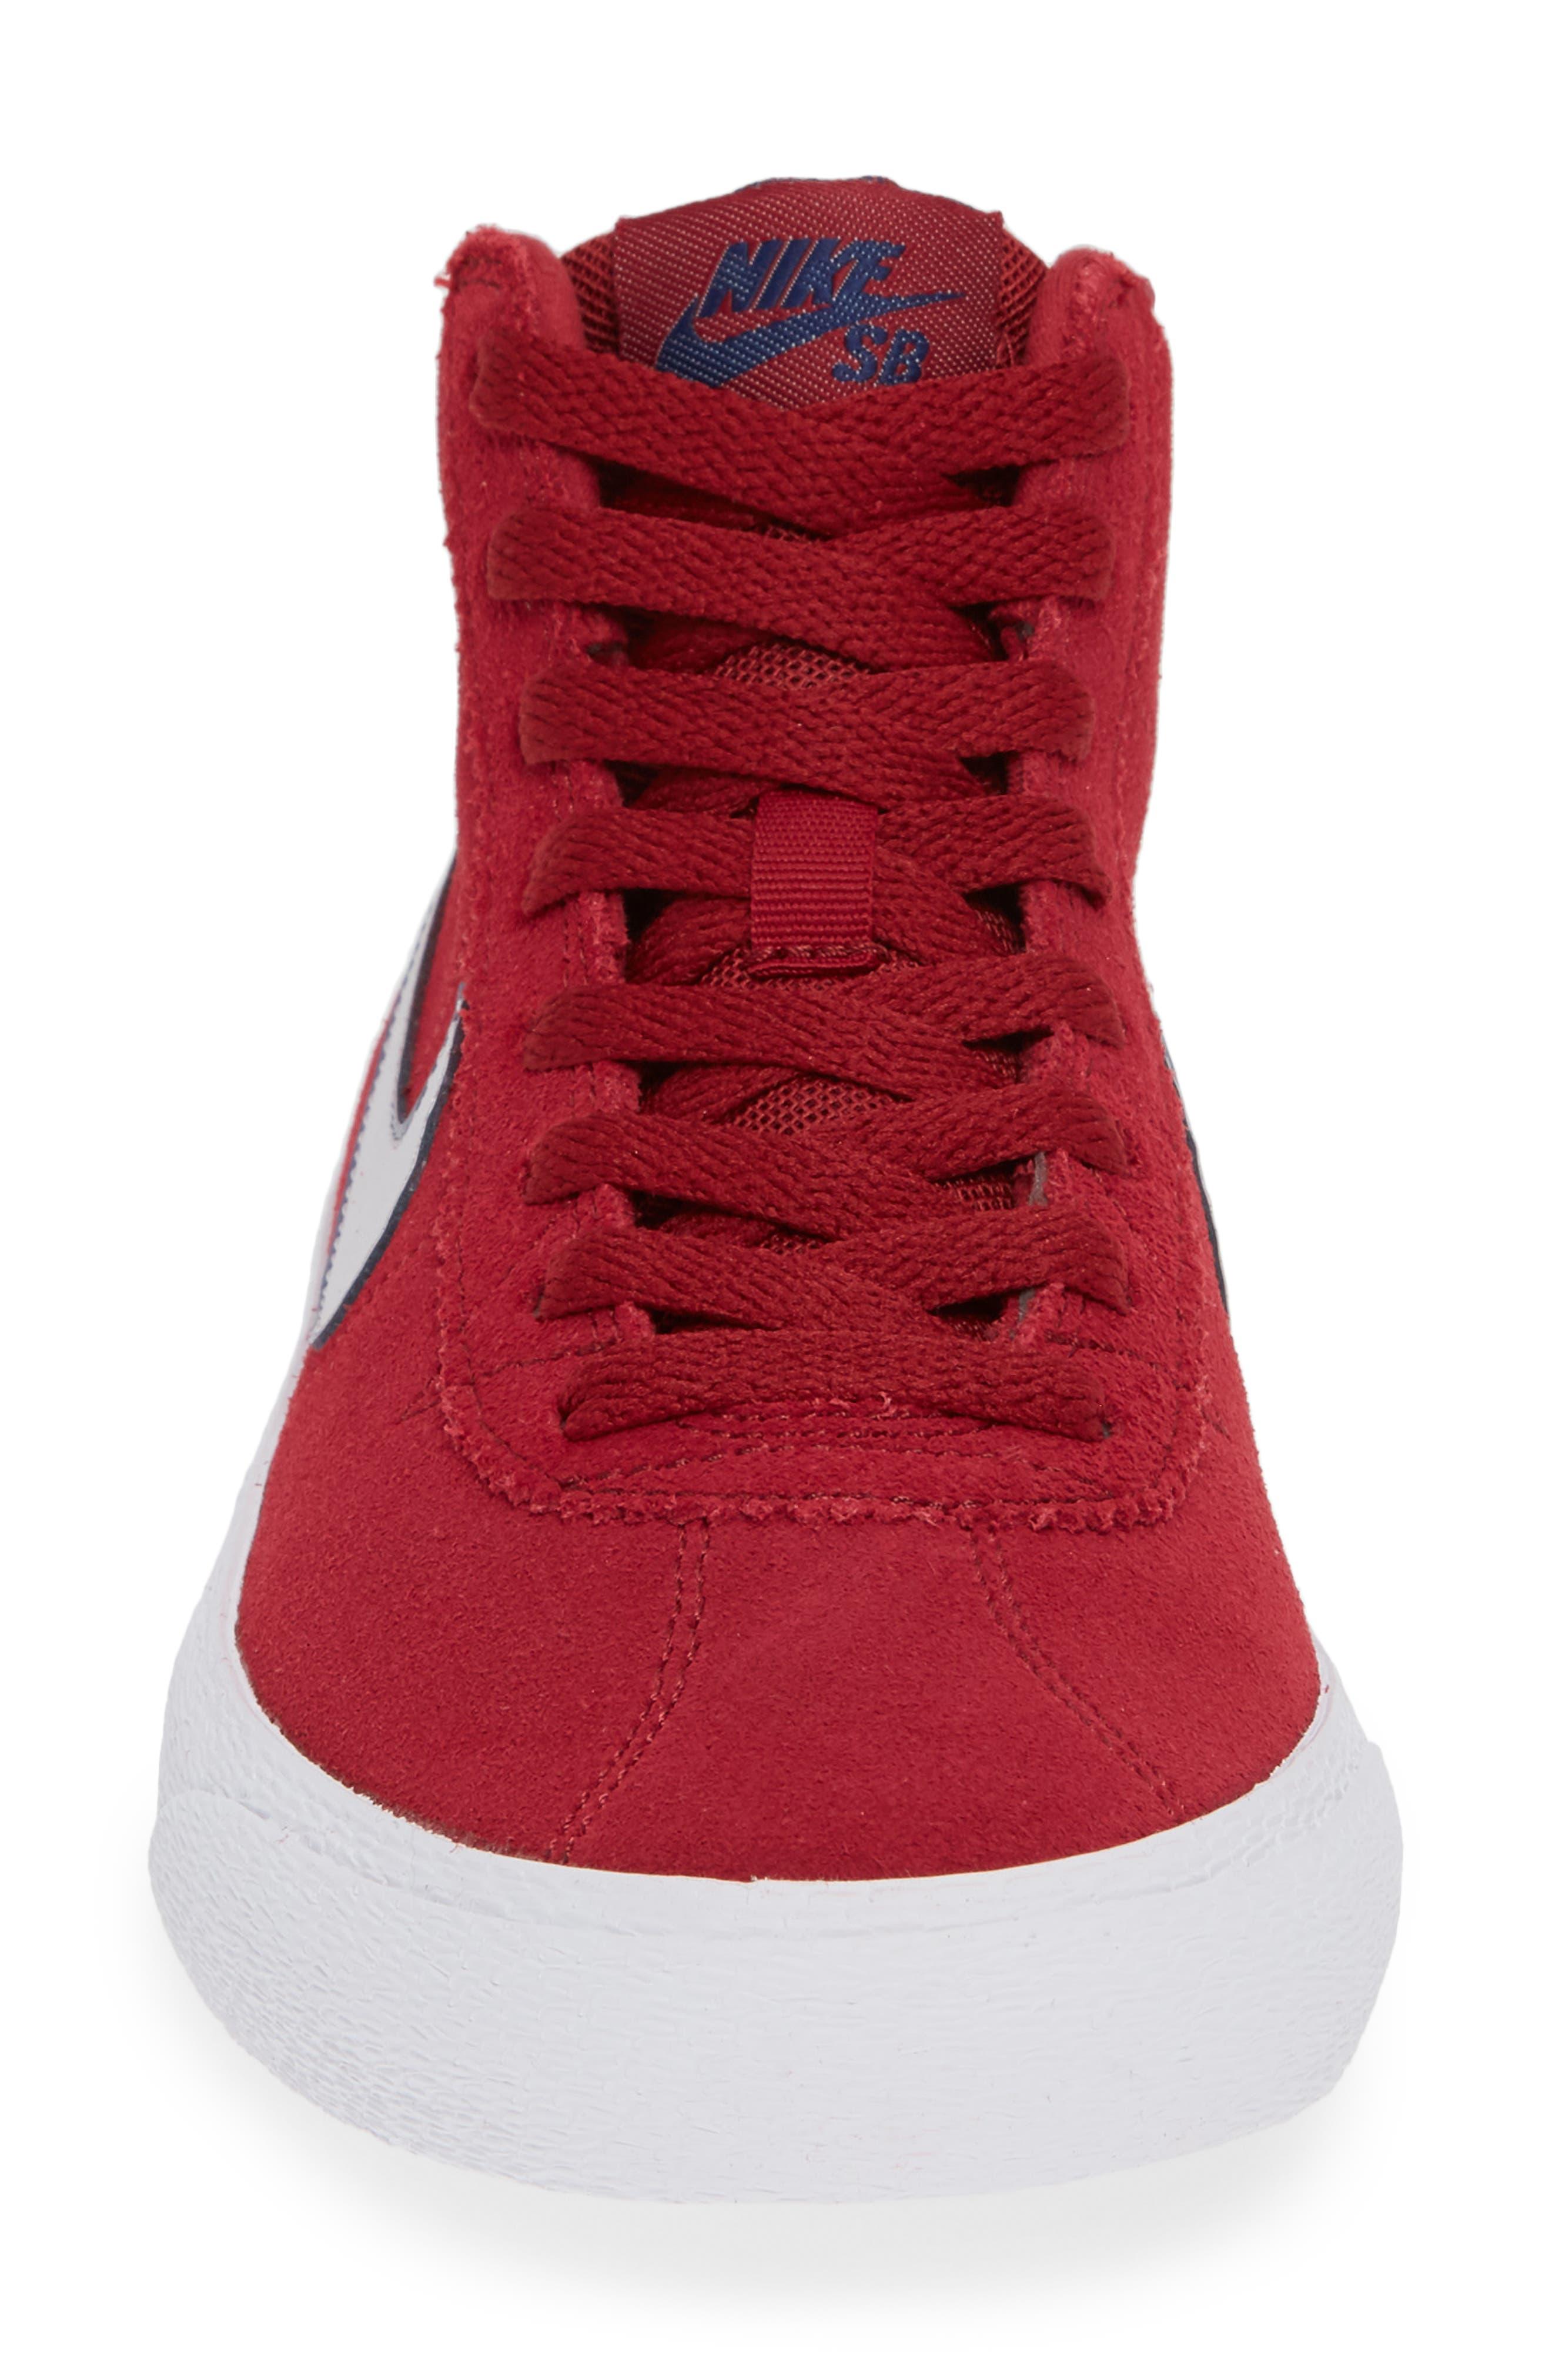 SB Bruin Hi Skateboarding Sneaker,                             Alternate thumbnail 5, color,                             Red Crush/ Vast Grey/ White